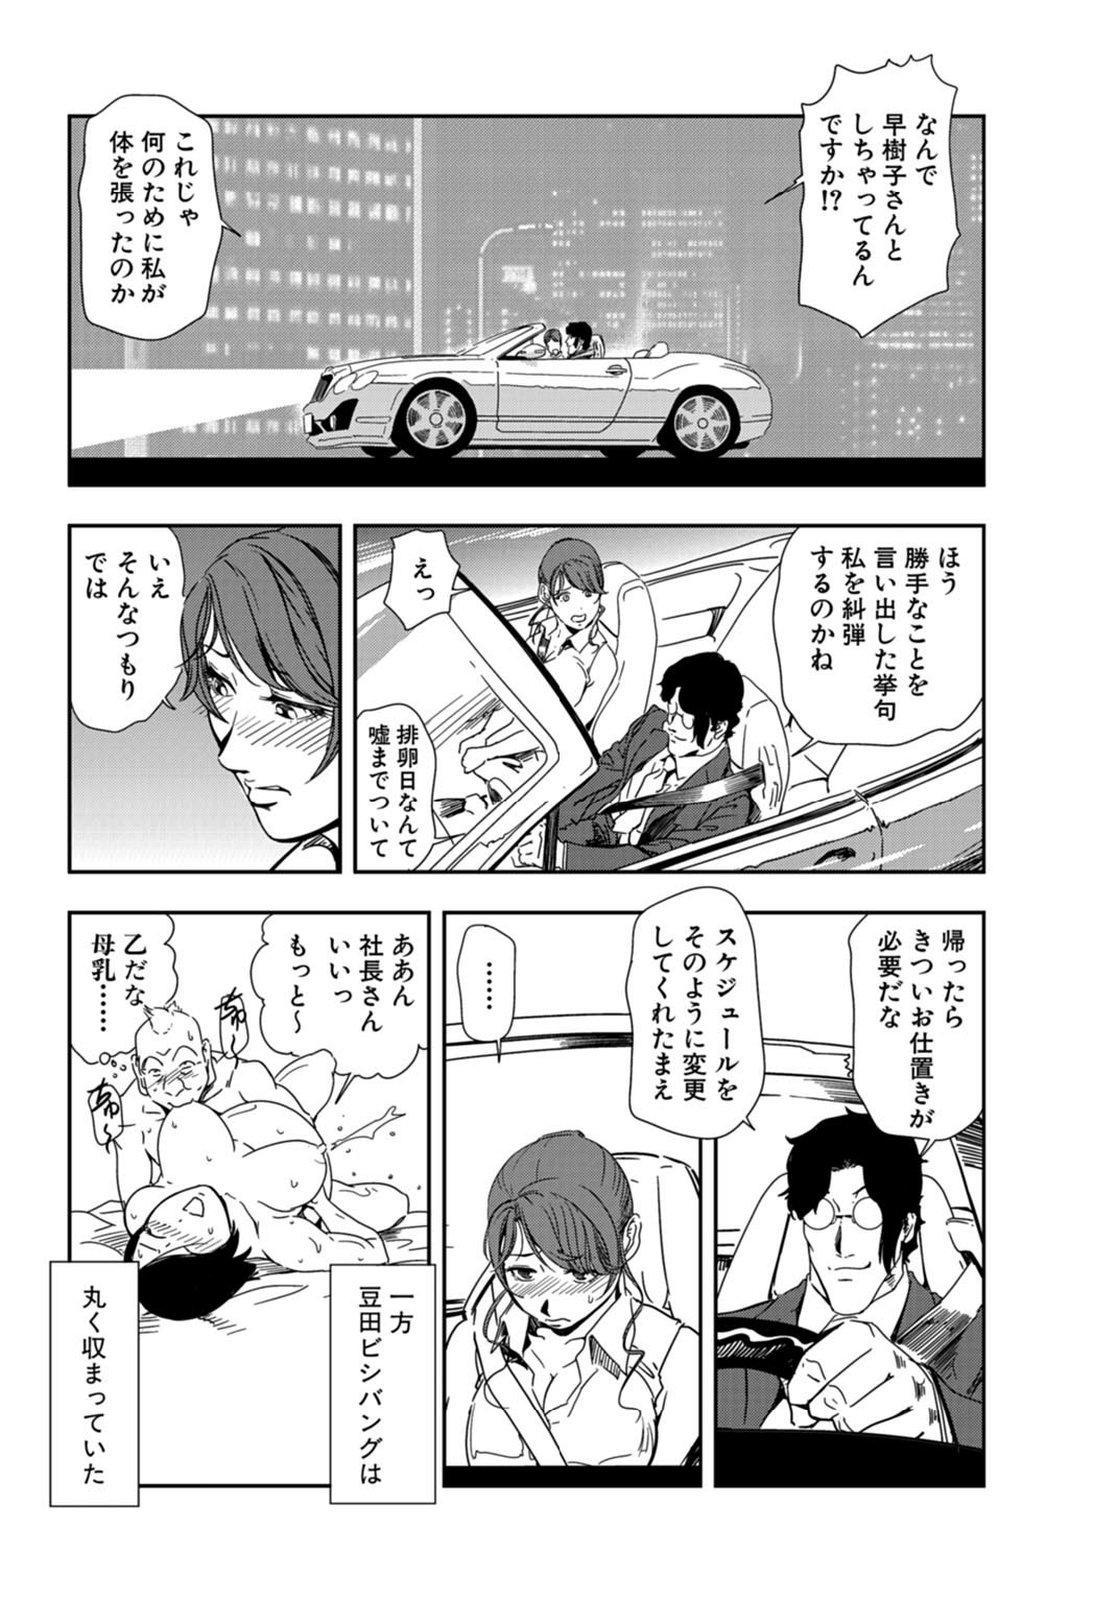 Nikuhisyo Yukiko 21 49